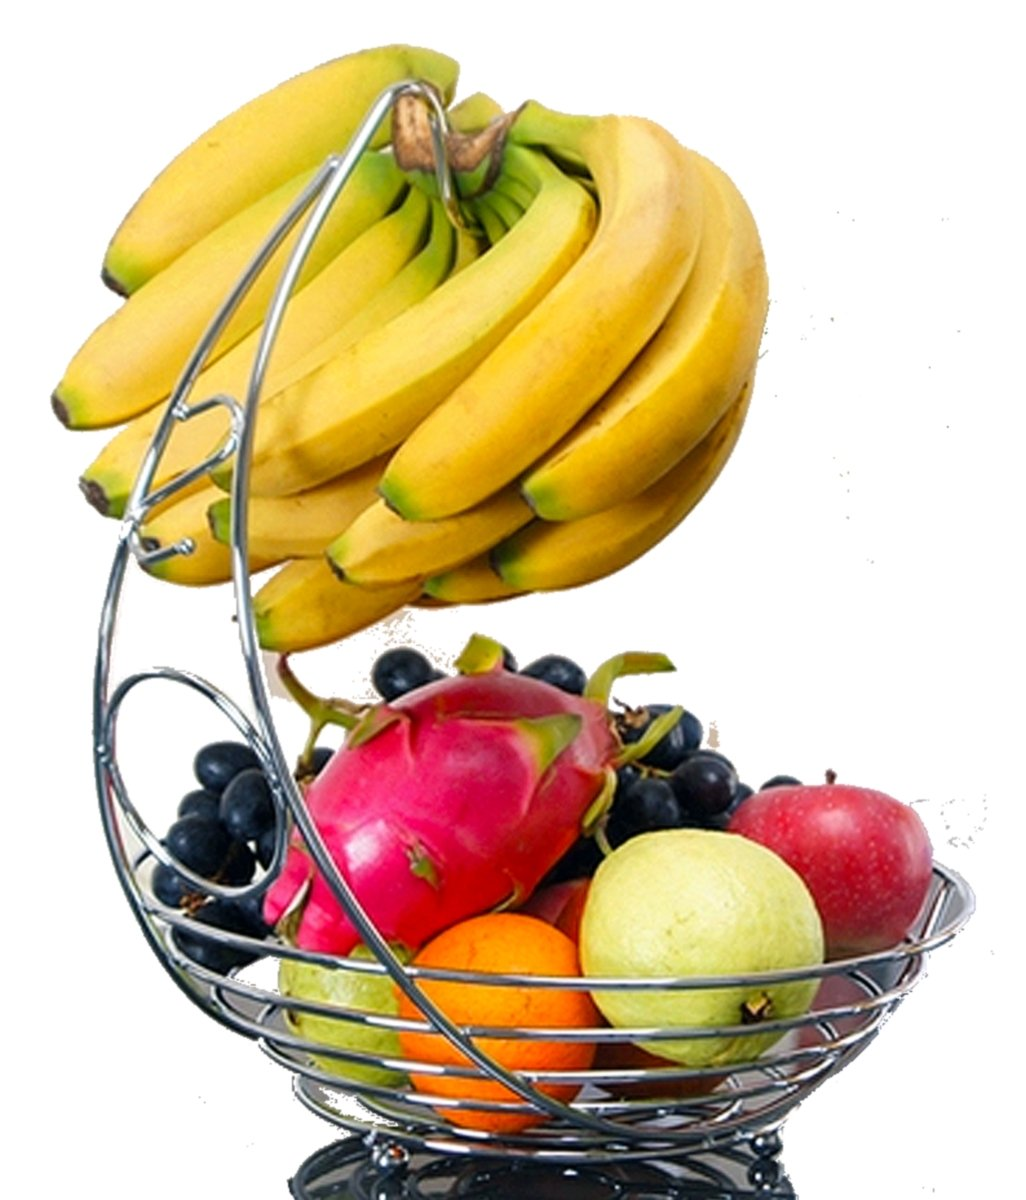 Amazon.com | BeautyBuddys Fruit Basket with Banana Holder, Chrome ...